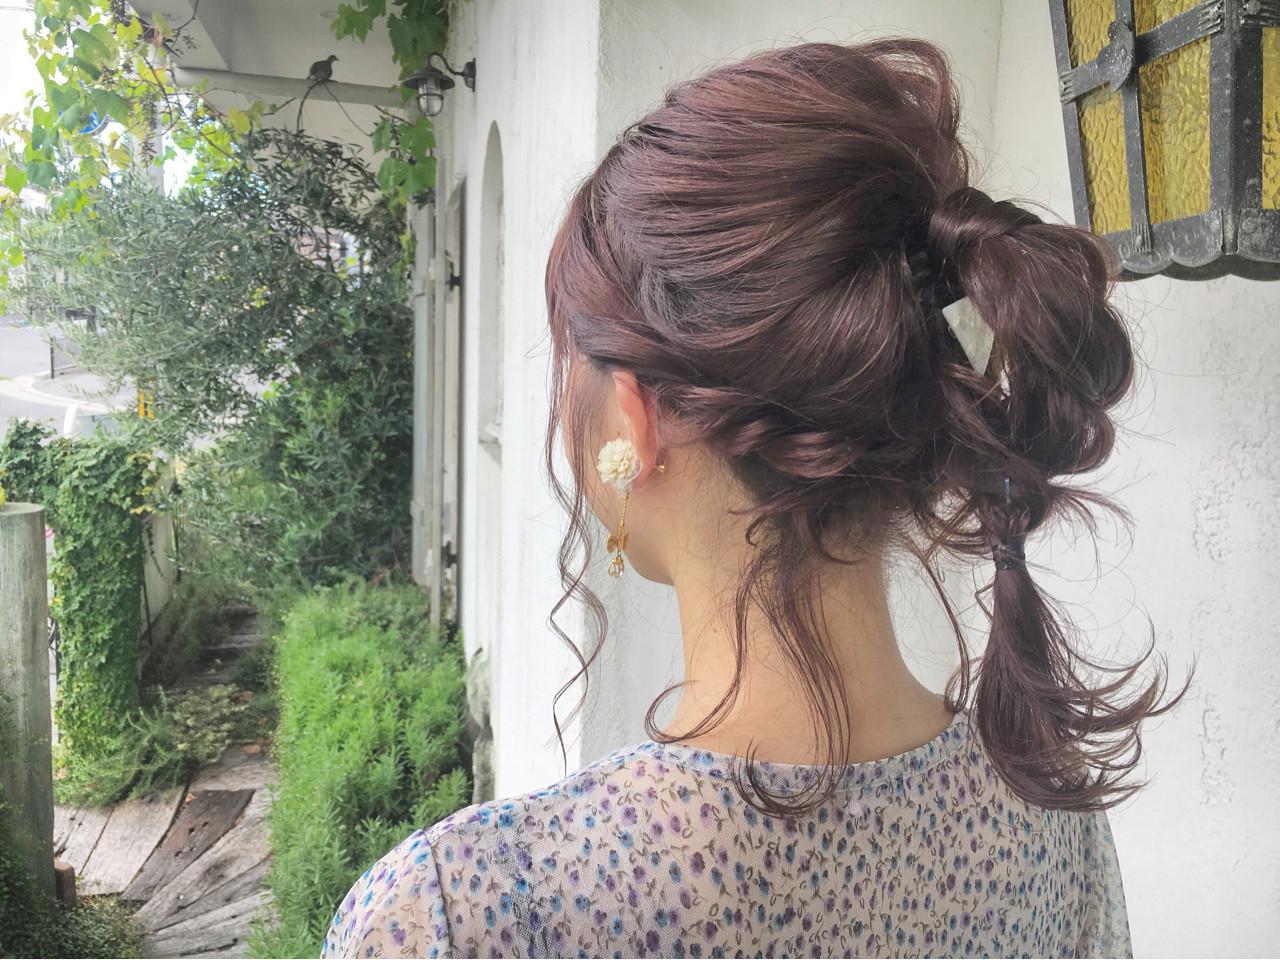 ヘアアレンジ ガーリー ピンクアッシュ 簡単ヘアアレンジ ヘアスタイルや髪型の写真・画像